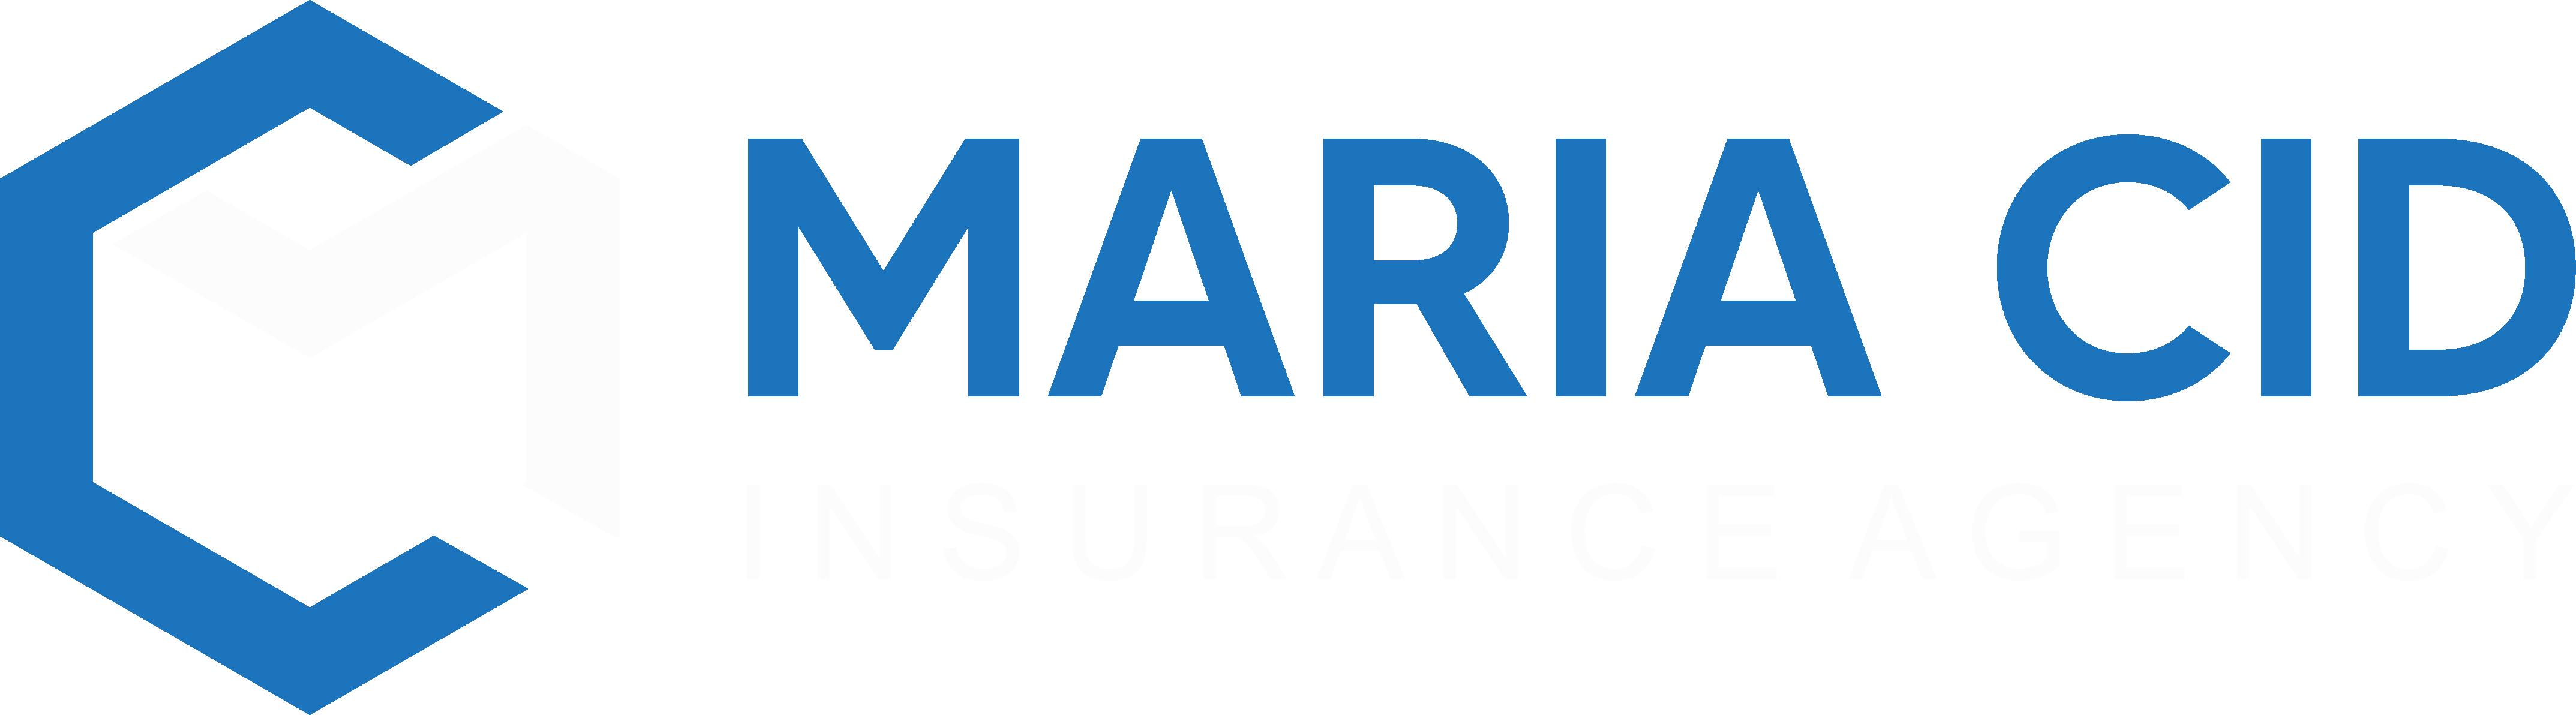 Maria Cid